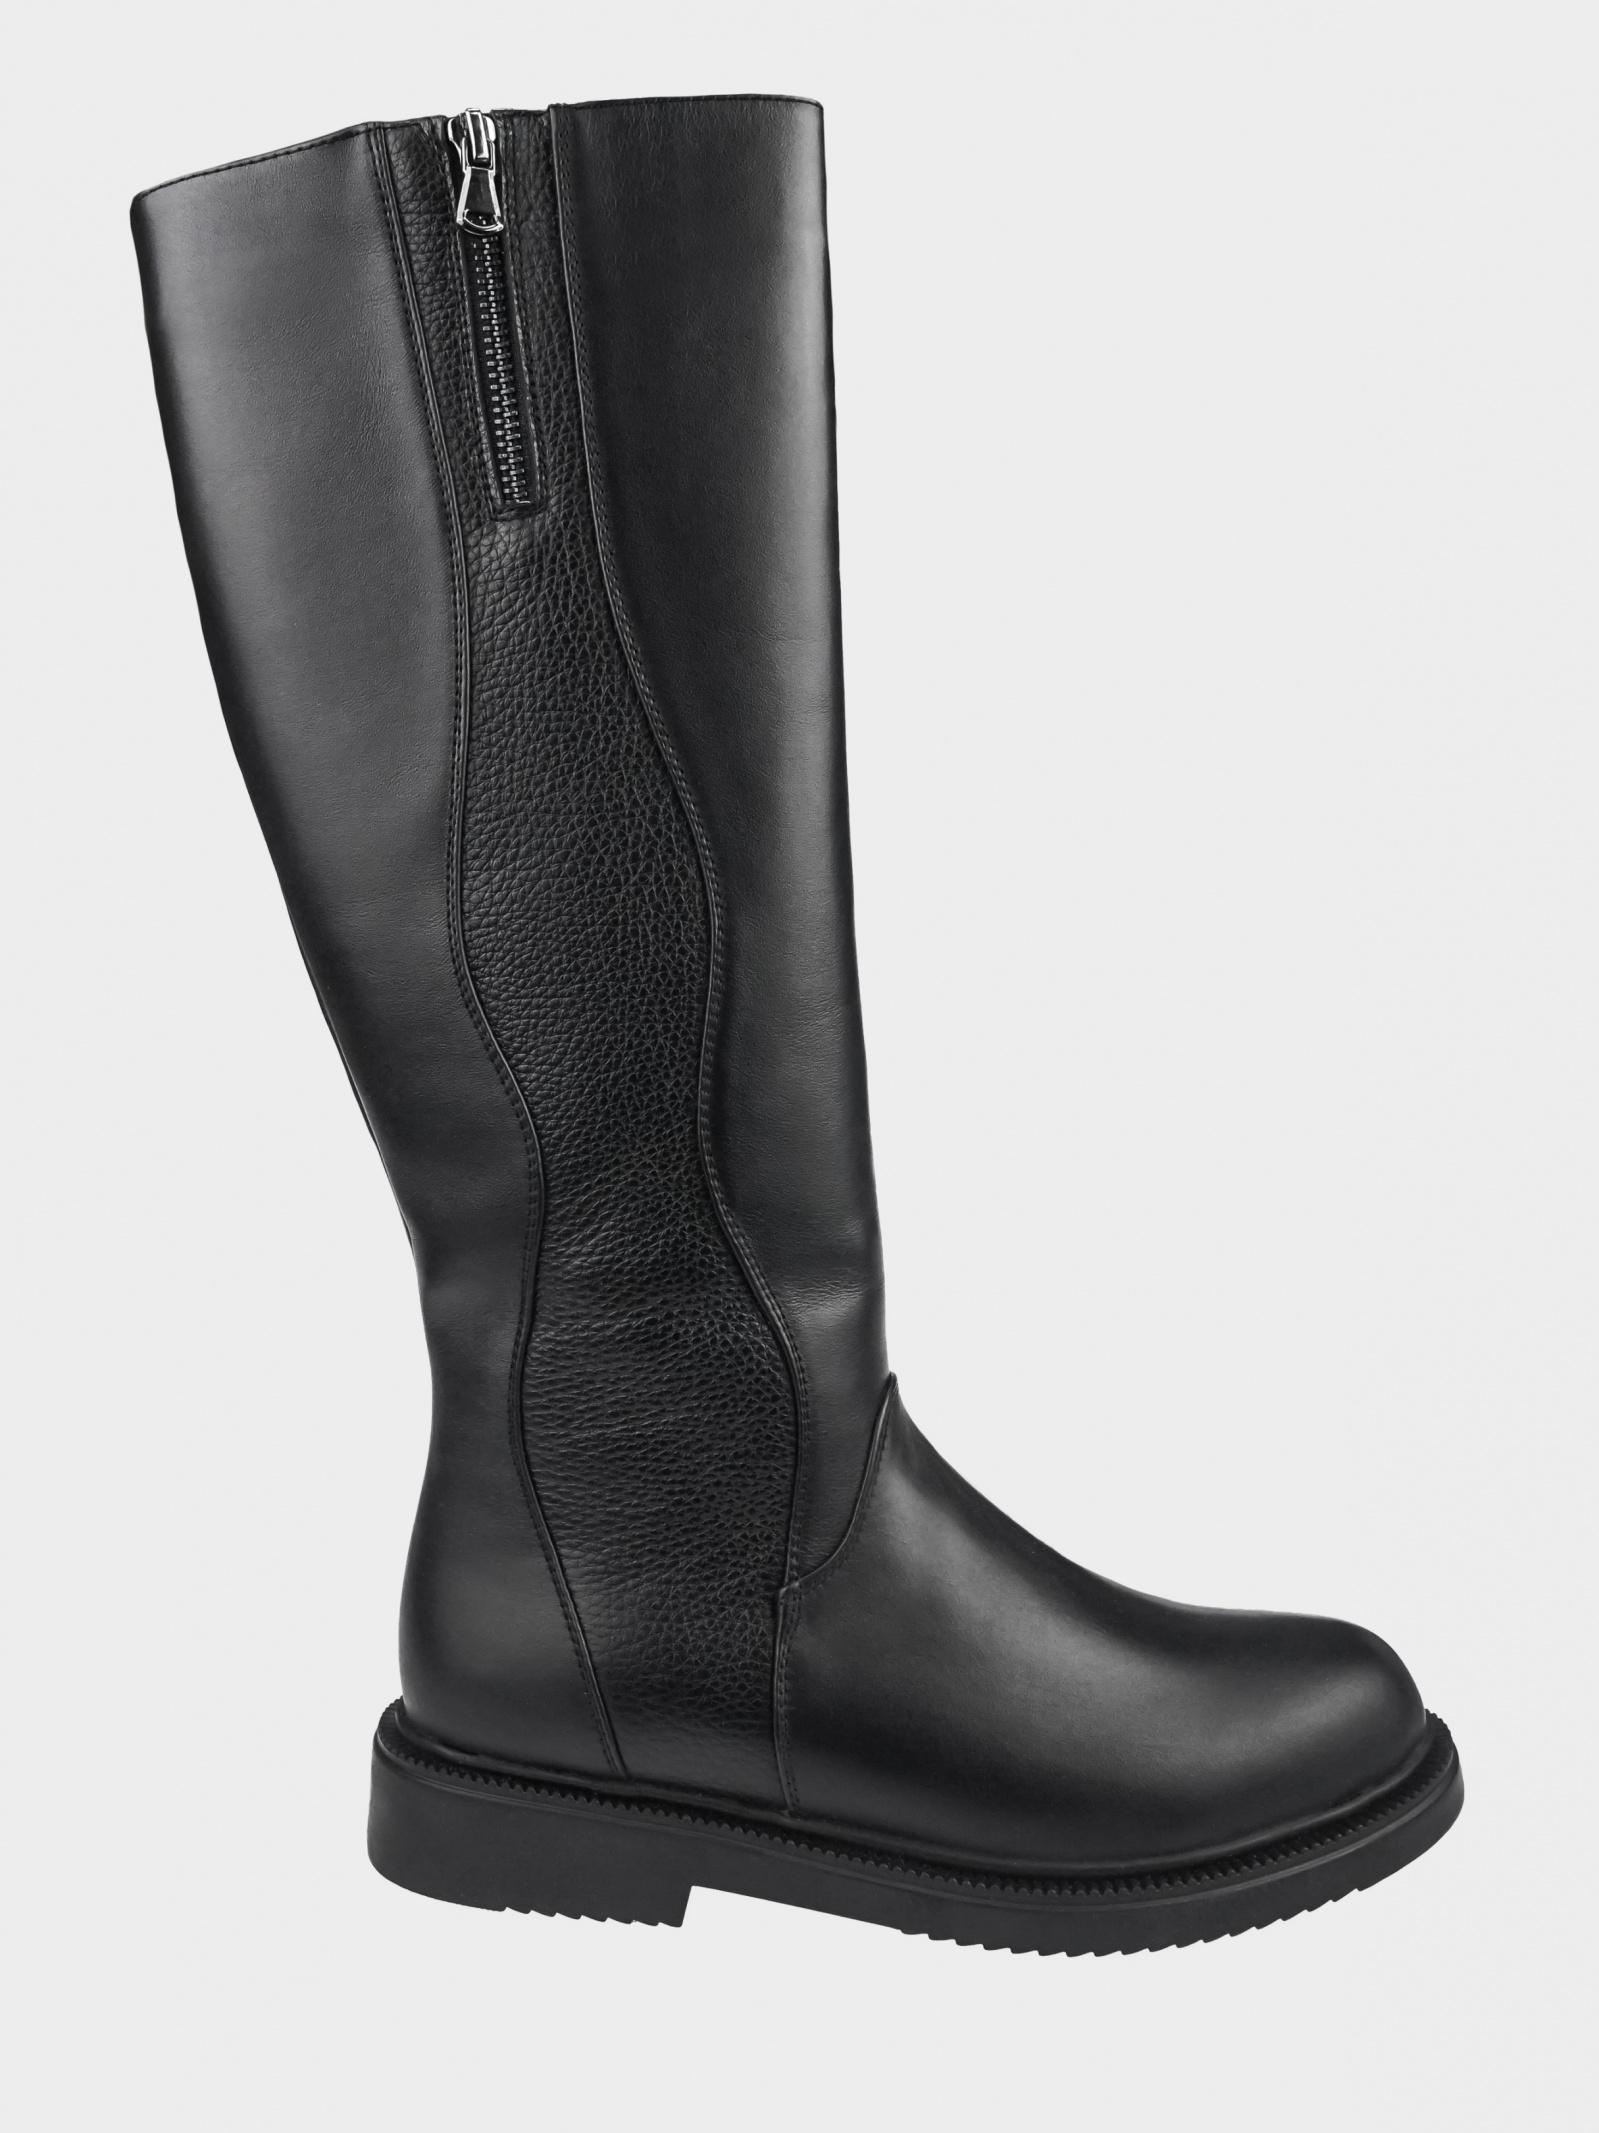 Сапоги для женщин LiONEli LZ7101-01 размеры обуви, 2017